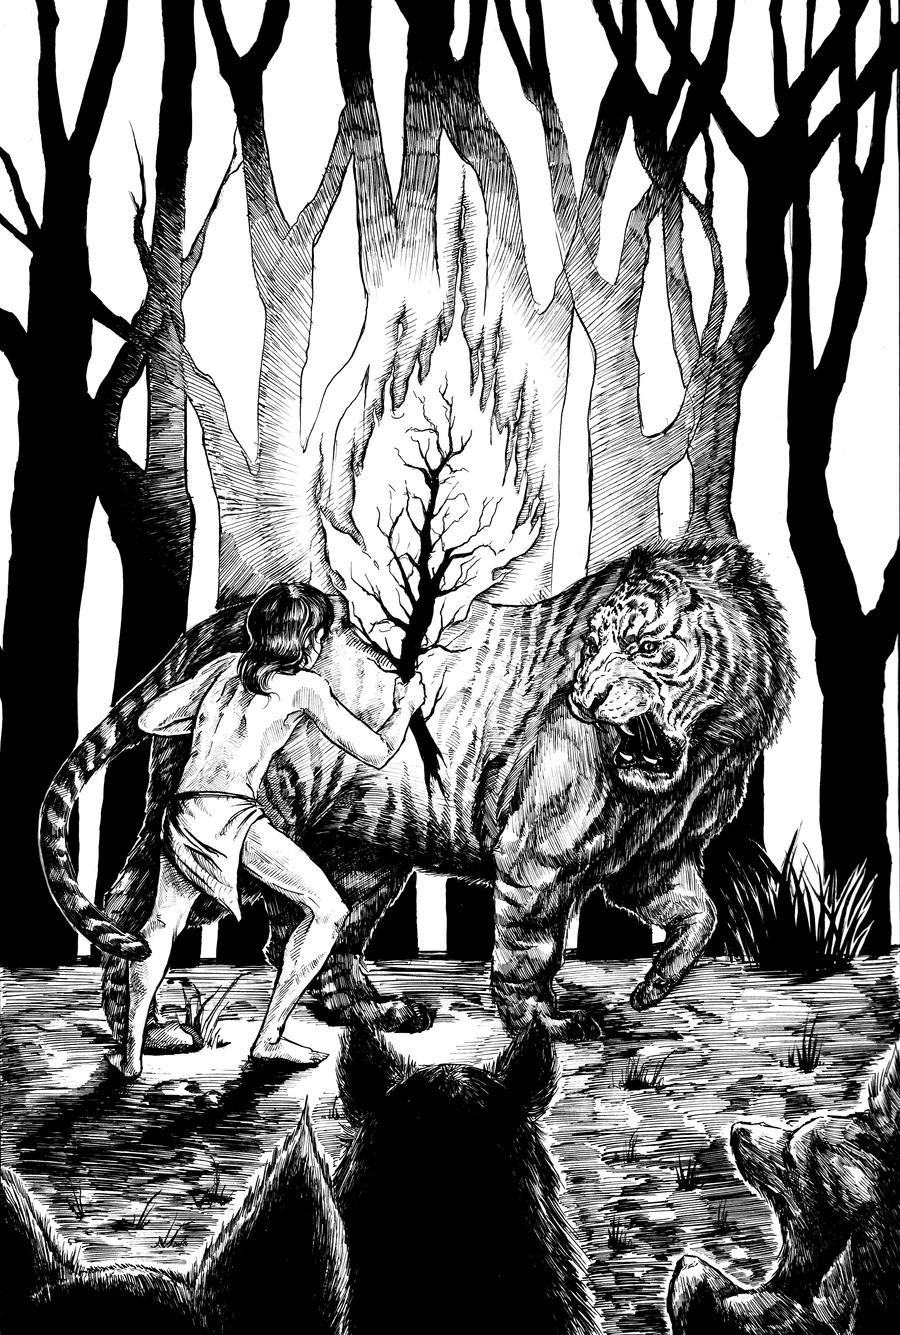 Jungle Book: Shere Khan